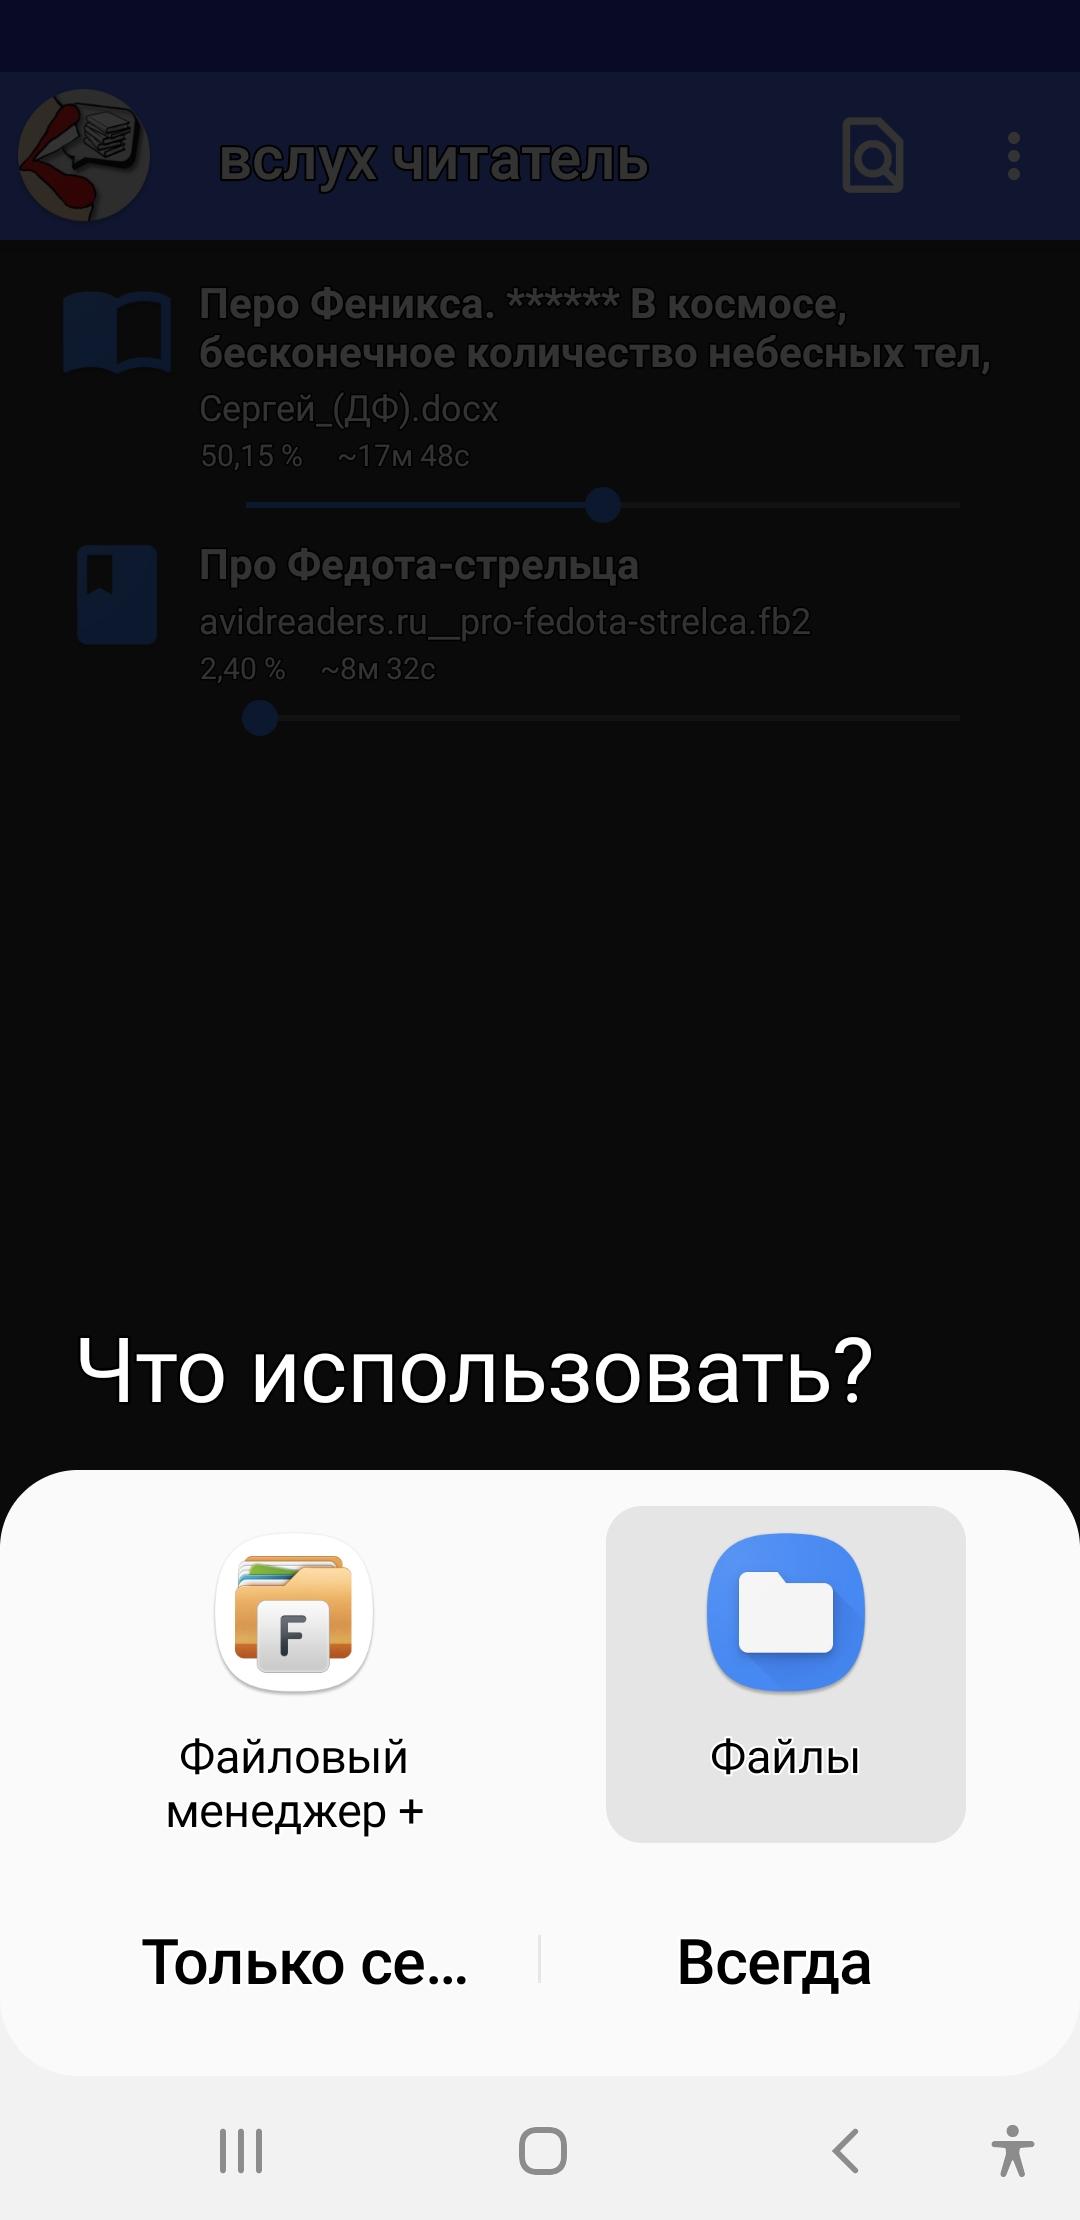 Вслух читатель_Загрузка текстовых файлов